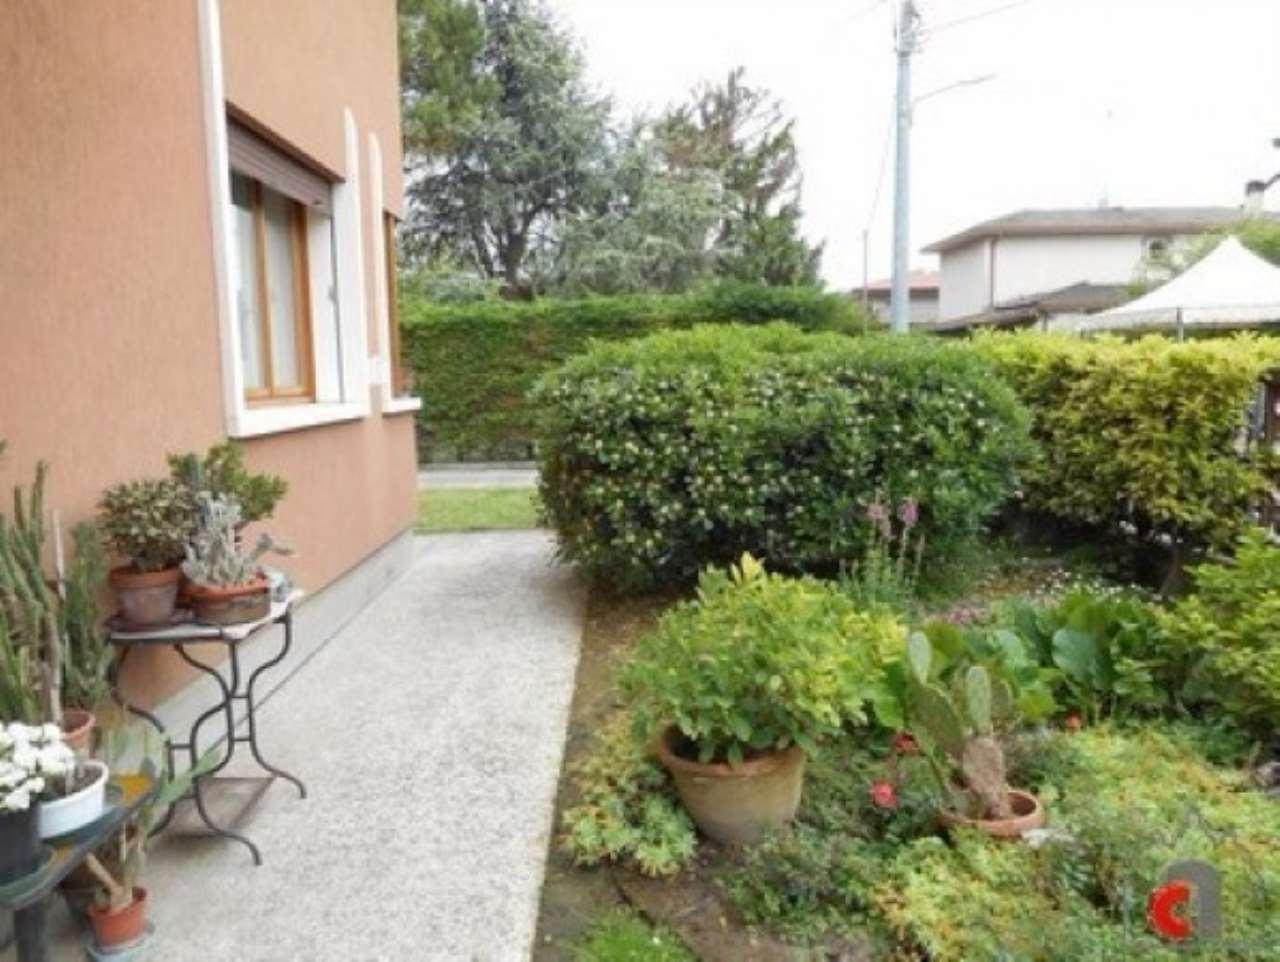 Villa in vendita a Padova, 5 locali, zona Zona: 4 . Sud-Est (S.Croce-S. Osvaldo, Bassanello-Voltabarozzo), prezzo € 270.000 | CambioCasa.it